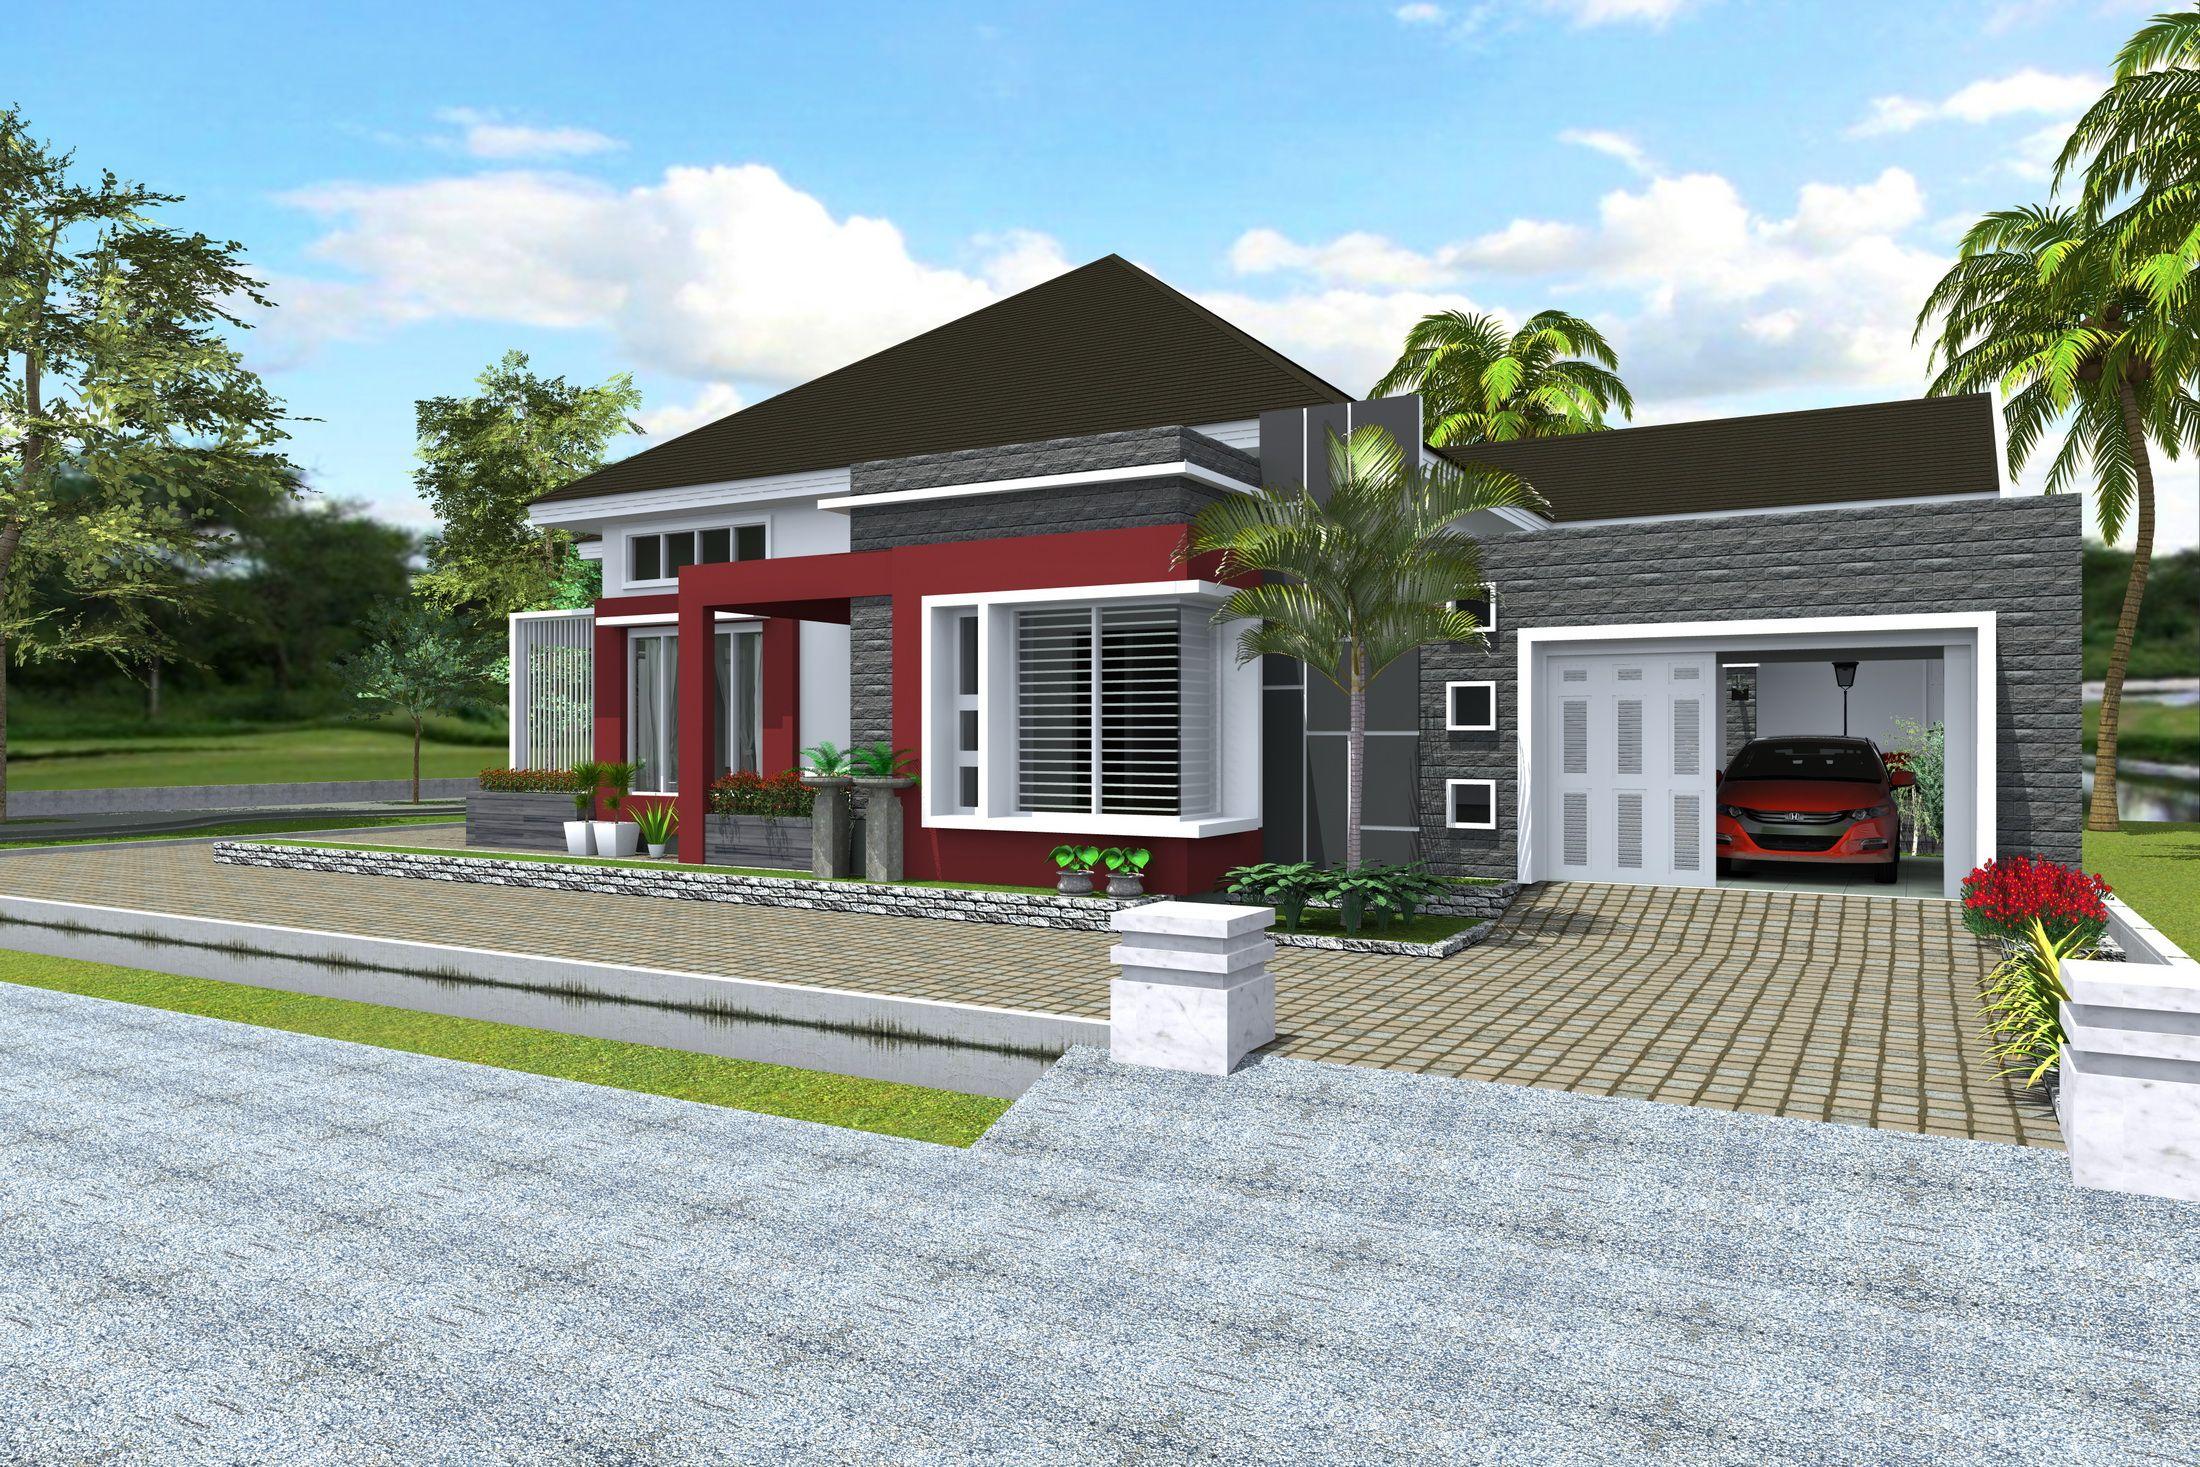 Desain Rumah Hunian Konsep Minimalis Modern Type 309 2mdesaincom Rumah Minimalis Desain Rumah Minimalis Desain Rumah